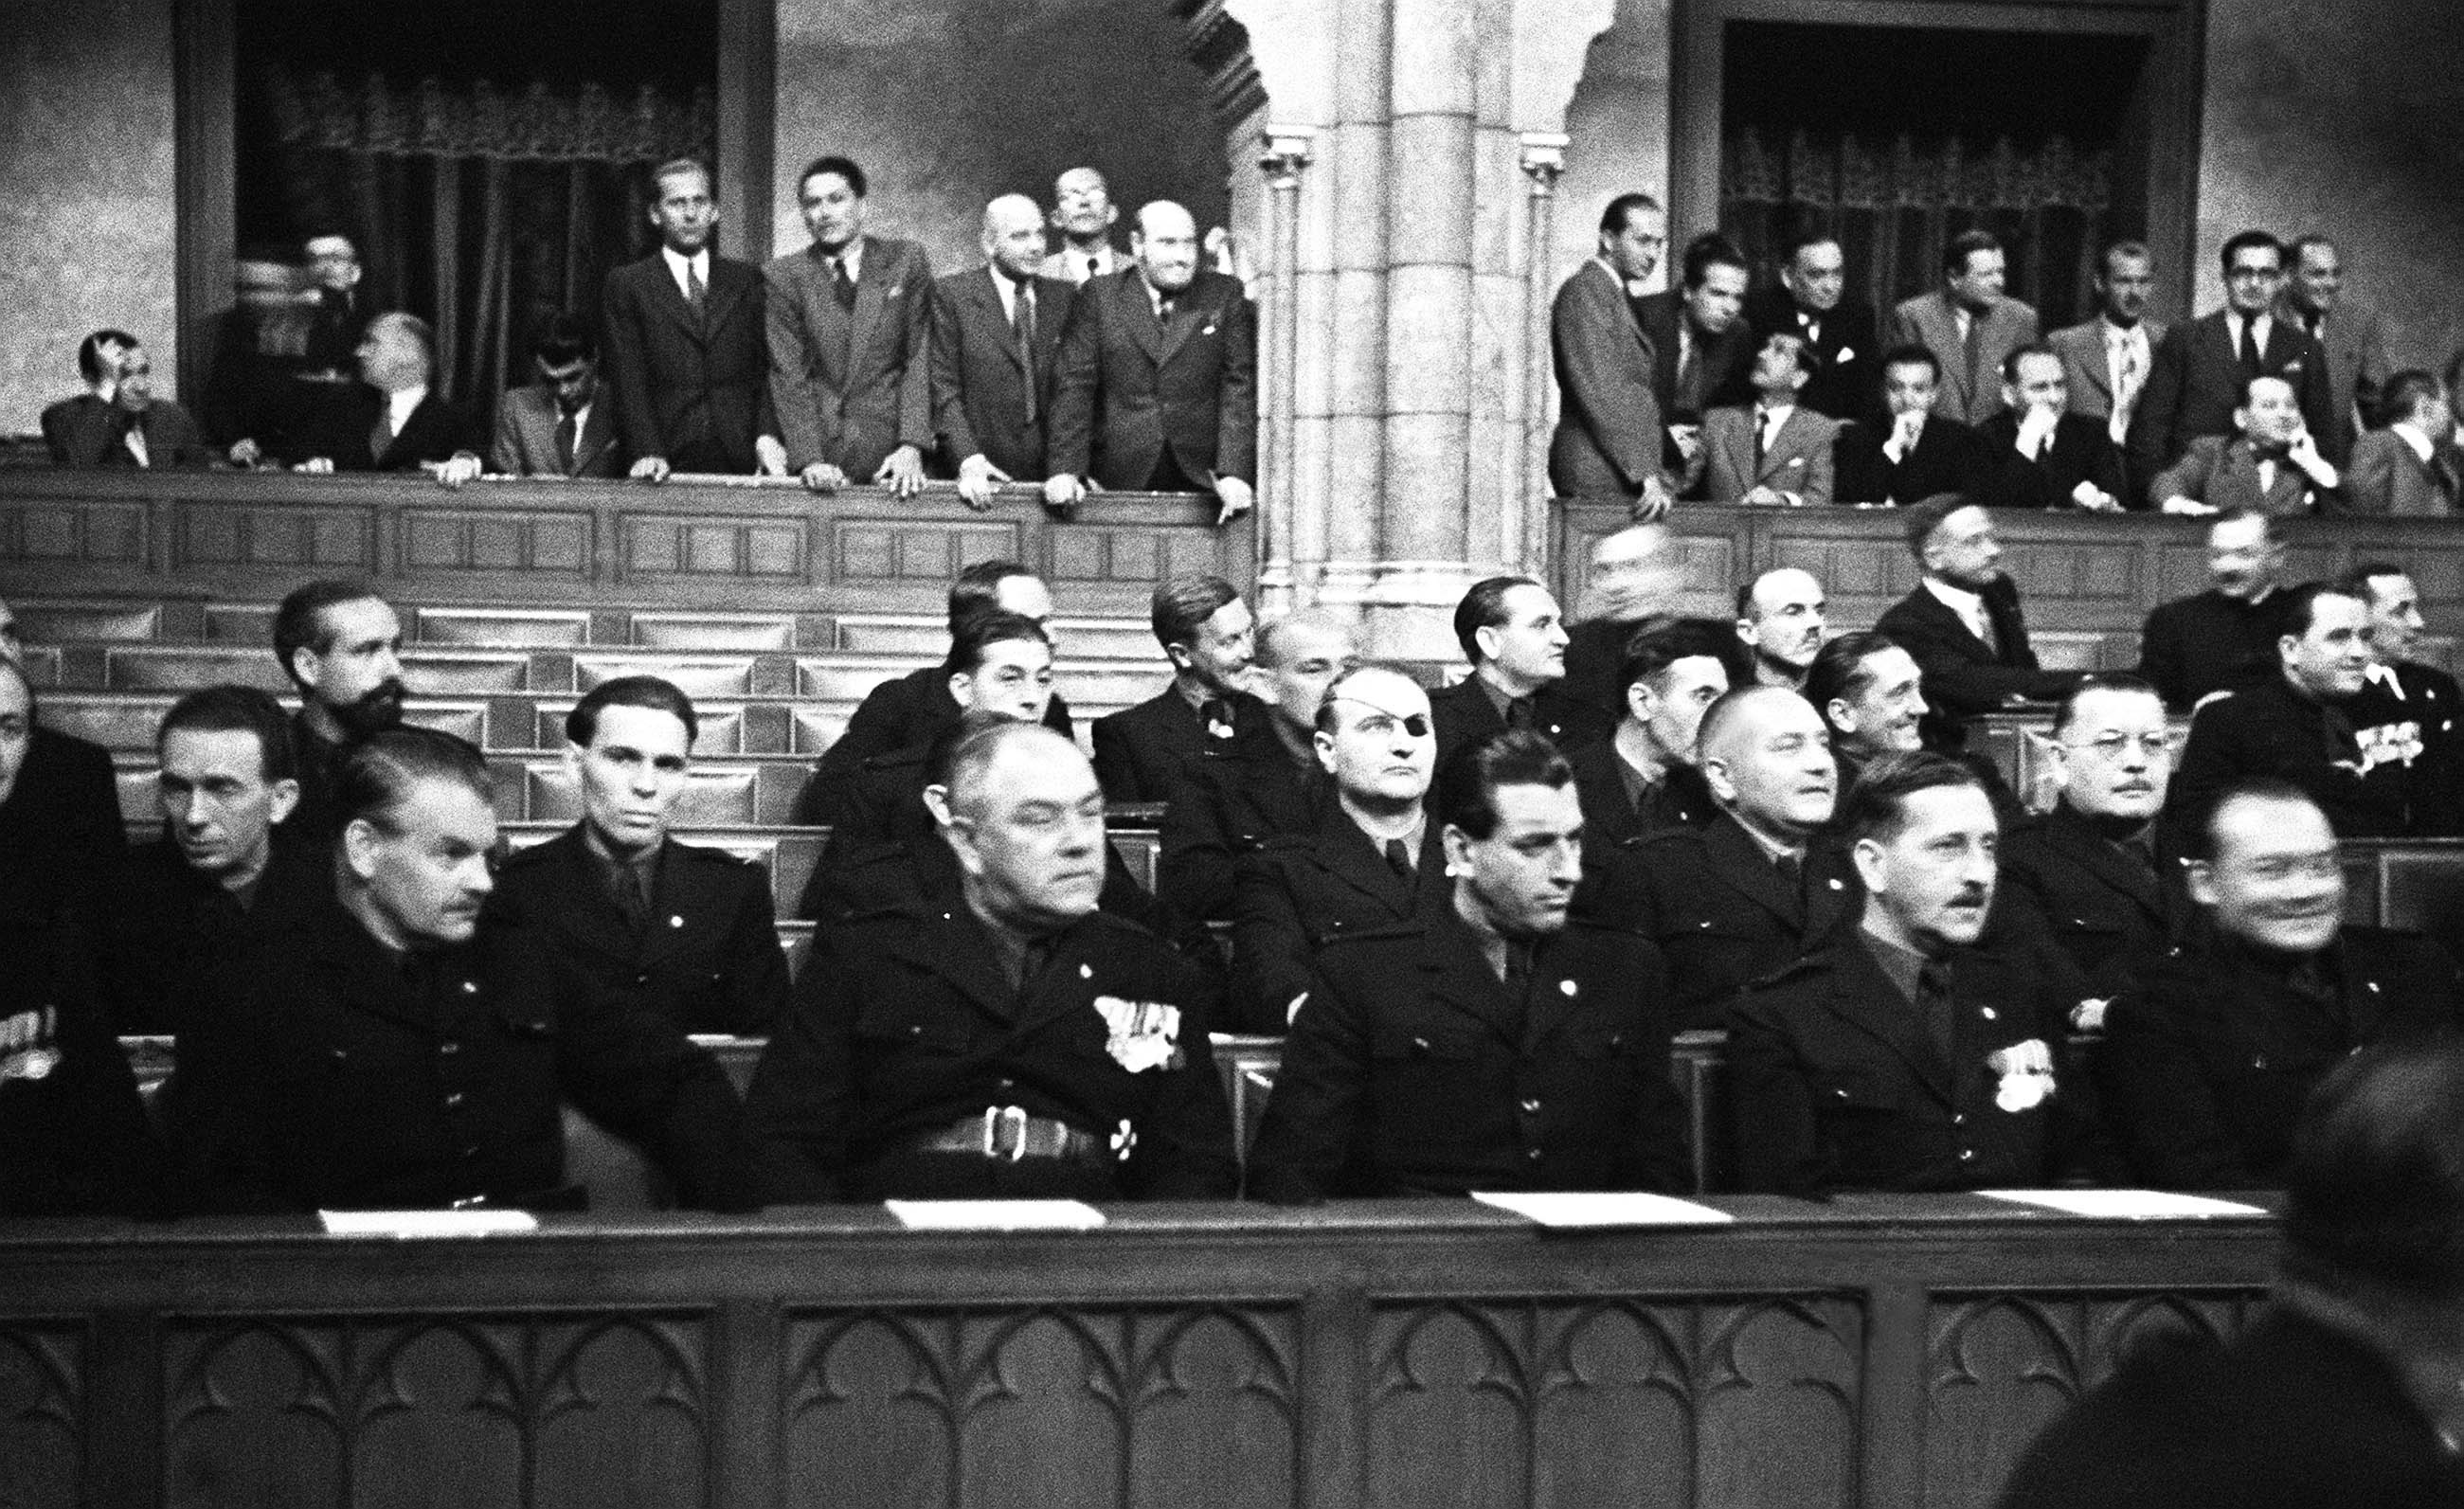 Nyilas képviselők egyenruhás öltözetben, a Parlament padsoraiban. Az első sorban balról az első Vágó Pál, a harmadik Széchenyi Lajos, a 4. Csia Sándor, az 5. Hubay Kálmán. A II. sorban balról a 2. Wirth Károly, mellette a félszemű Gruber Lajos, és Hubay mögött a II. sor jobb szélén Rátz Kálmán ül / MTI Fotó: Bojár Sándor